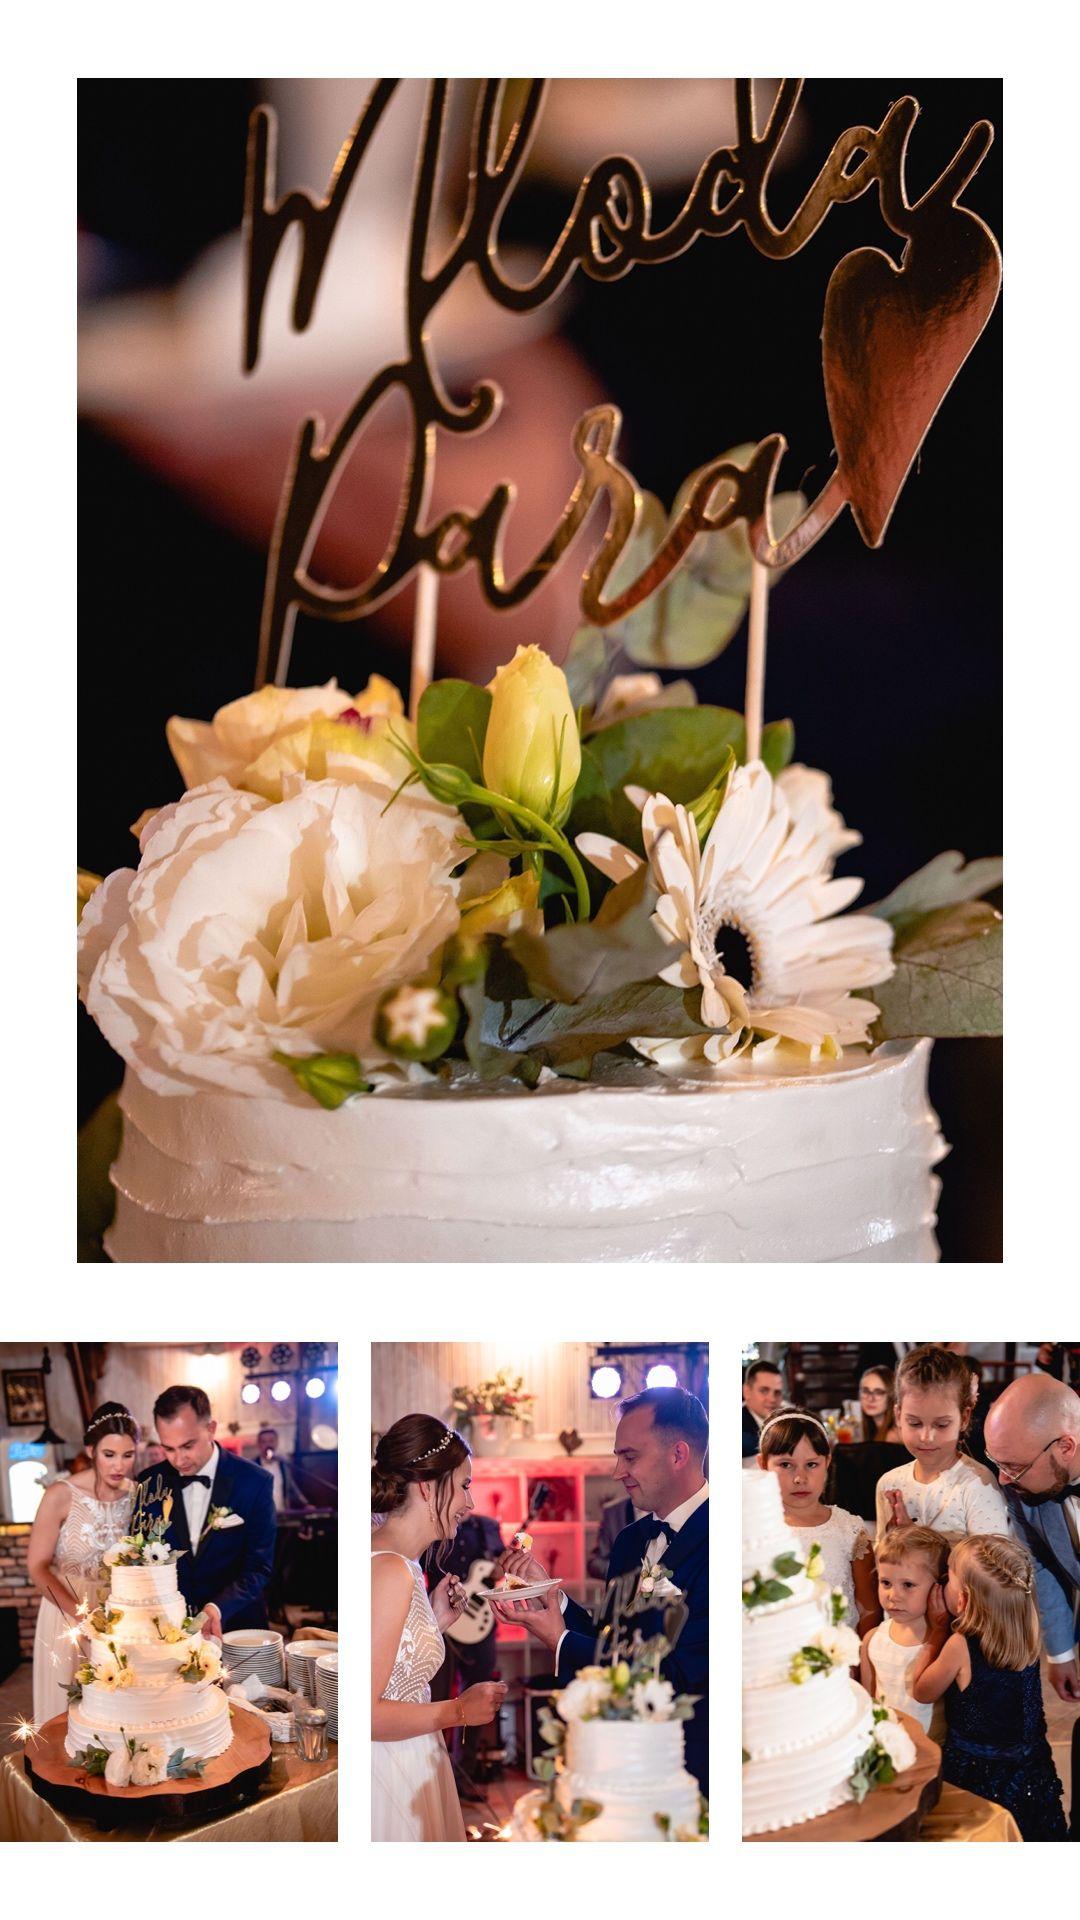 Wyjątkowe wesele w rustykalnym stylu Moja Weranda, Moja Weranda, Gołębiewo Średnie, rustykalny ślub, boho, Wesele w Mojej Werandzie, rustykalny ślub pomorze, sala na rustykalny ślub, fotograf boho, rustykalny fotograf, tort weselny,